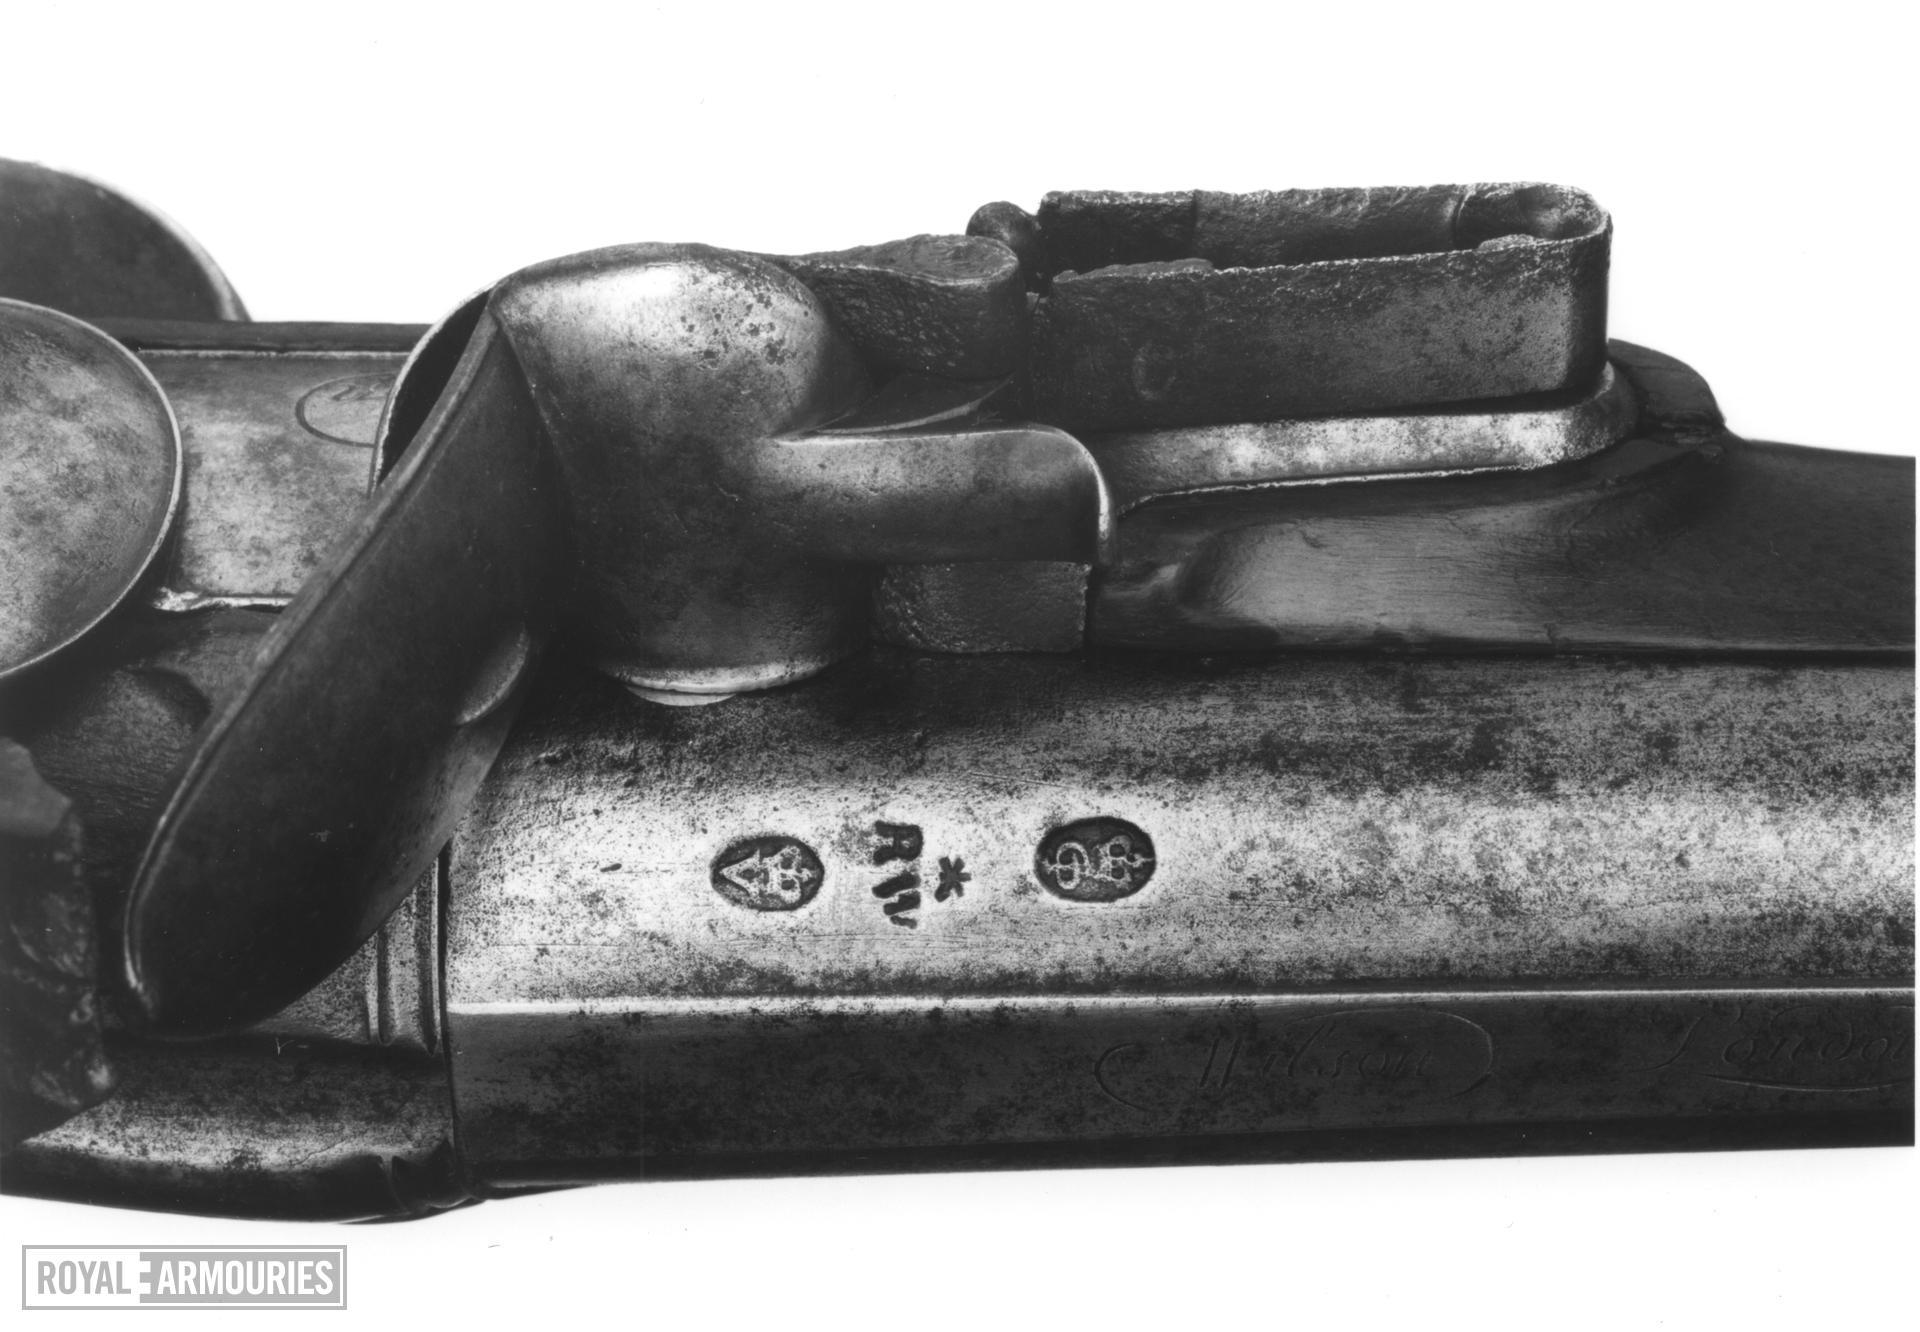 Flintlock muzzle-loading sporting gun - By Wilson